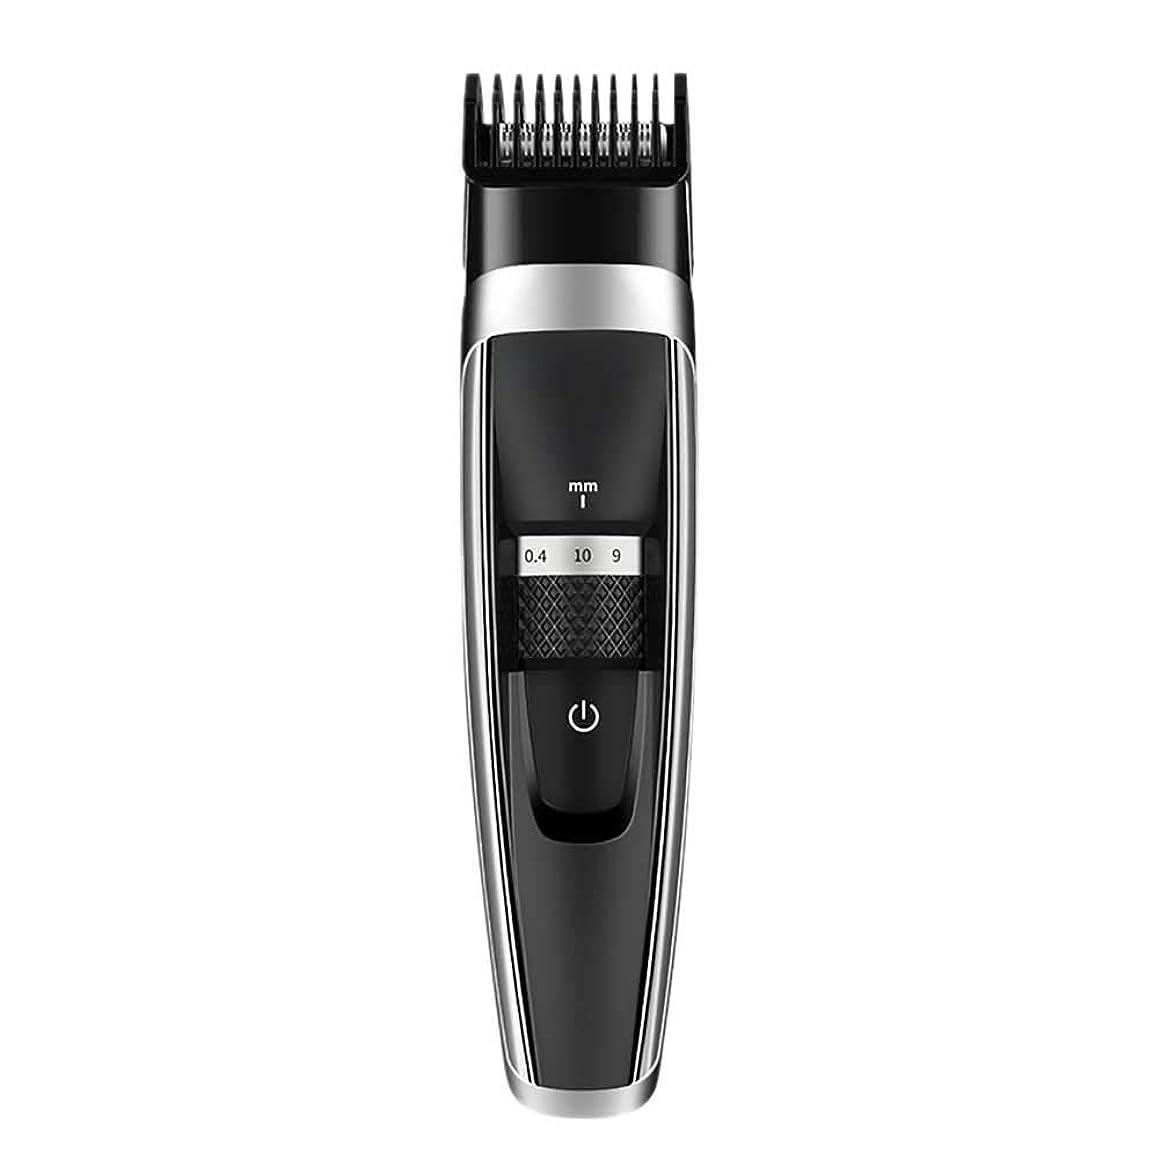 すばらしいです疑い者ゴールZAYAR 電動バリカン ヘアカッター ヒゲトリマー 充電式 散髪 17段階刈り高さ調節可能 丸洗い可 自宅用